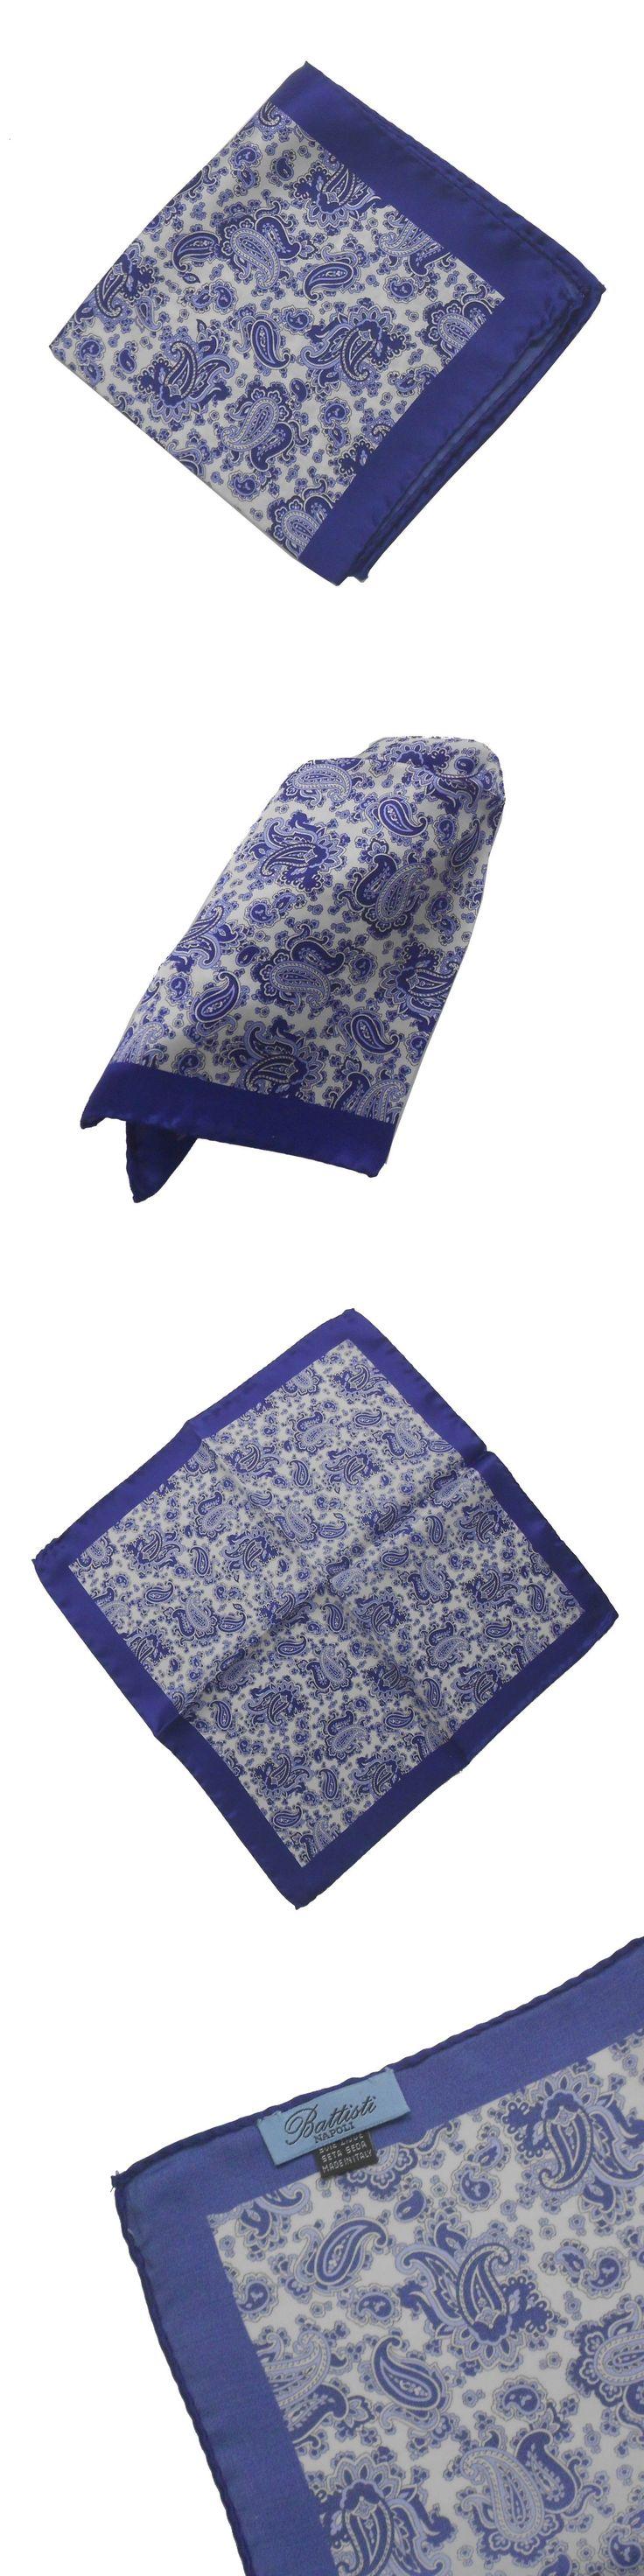 Handkerchiefs 167902: New Battisti Napoli Silk Pocket Square Pochette White And Navy Paisley -> BUY IT NOW ONLY: $35 on eBay!